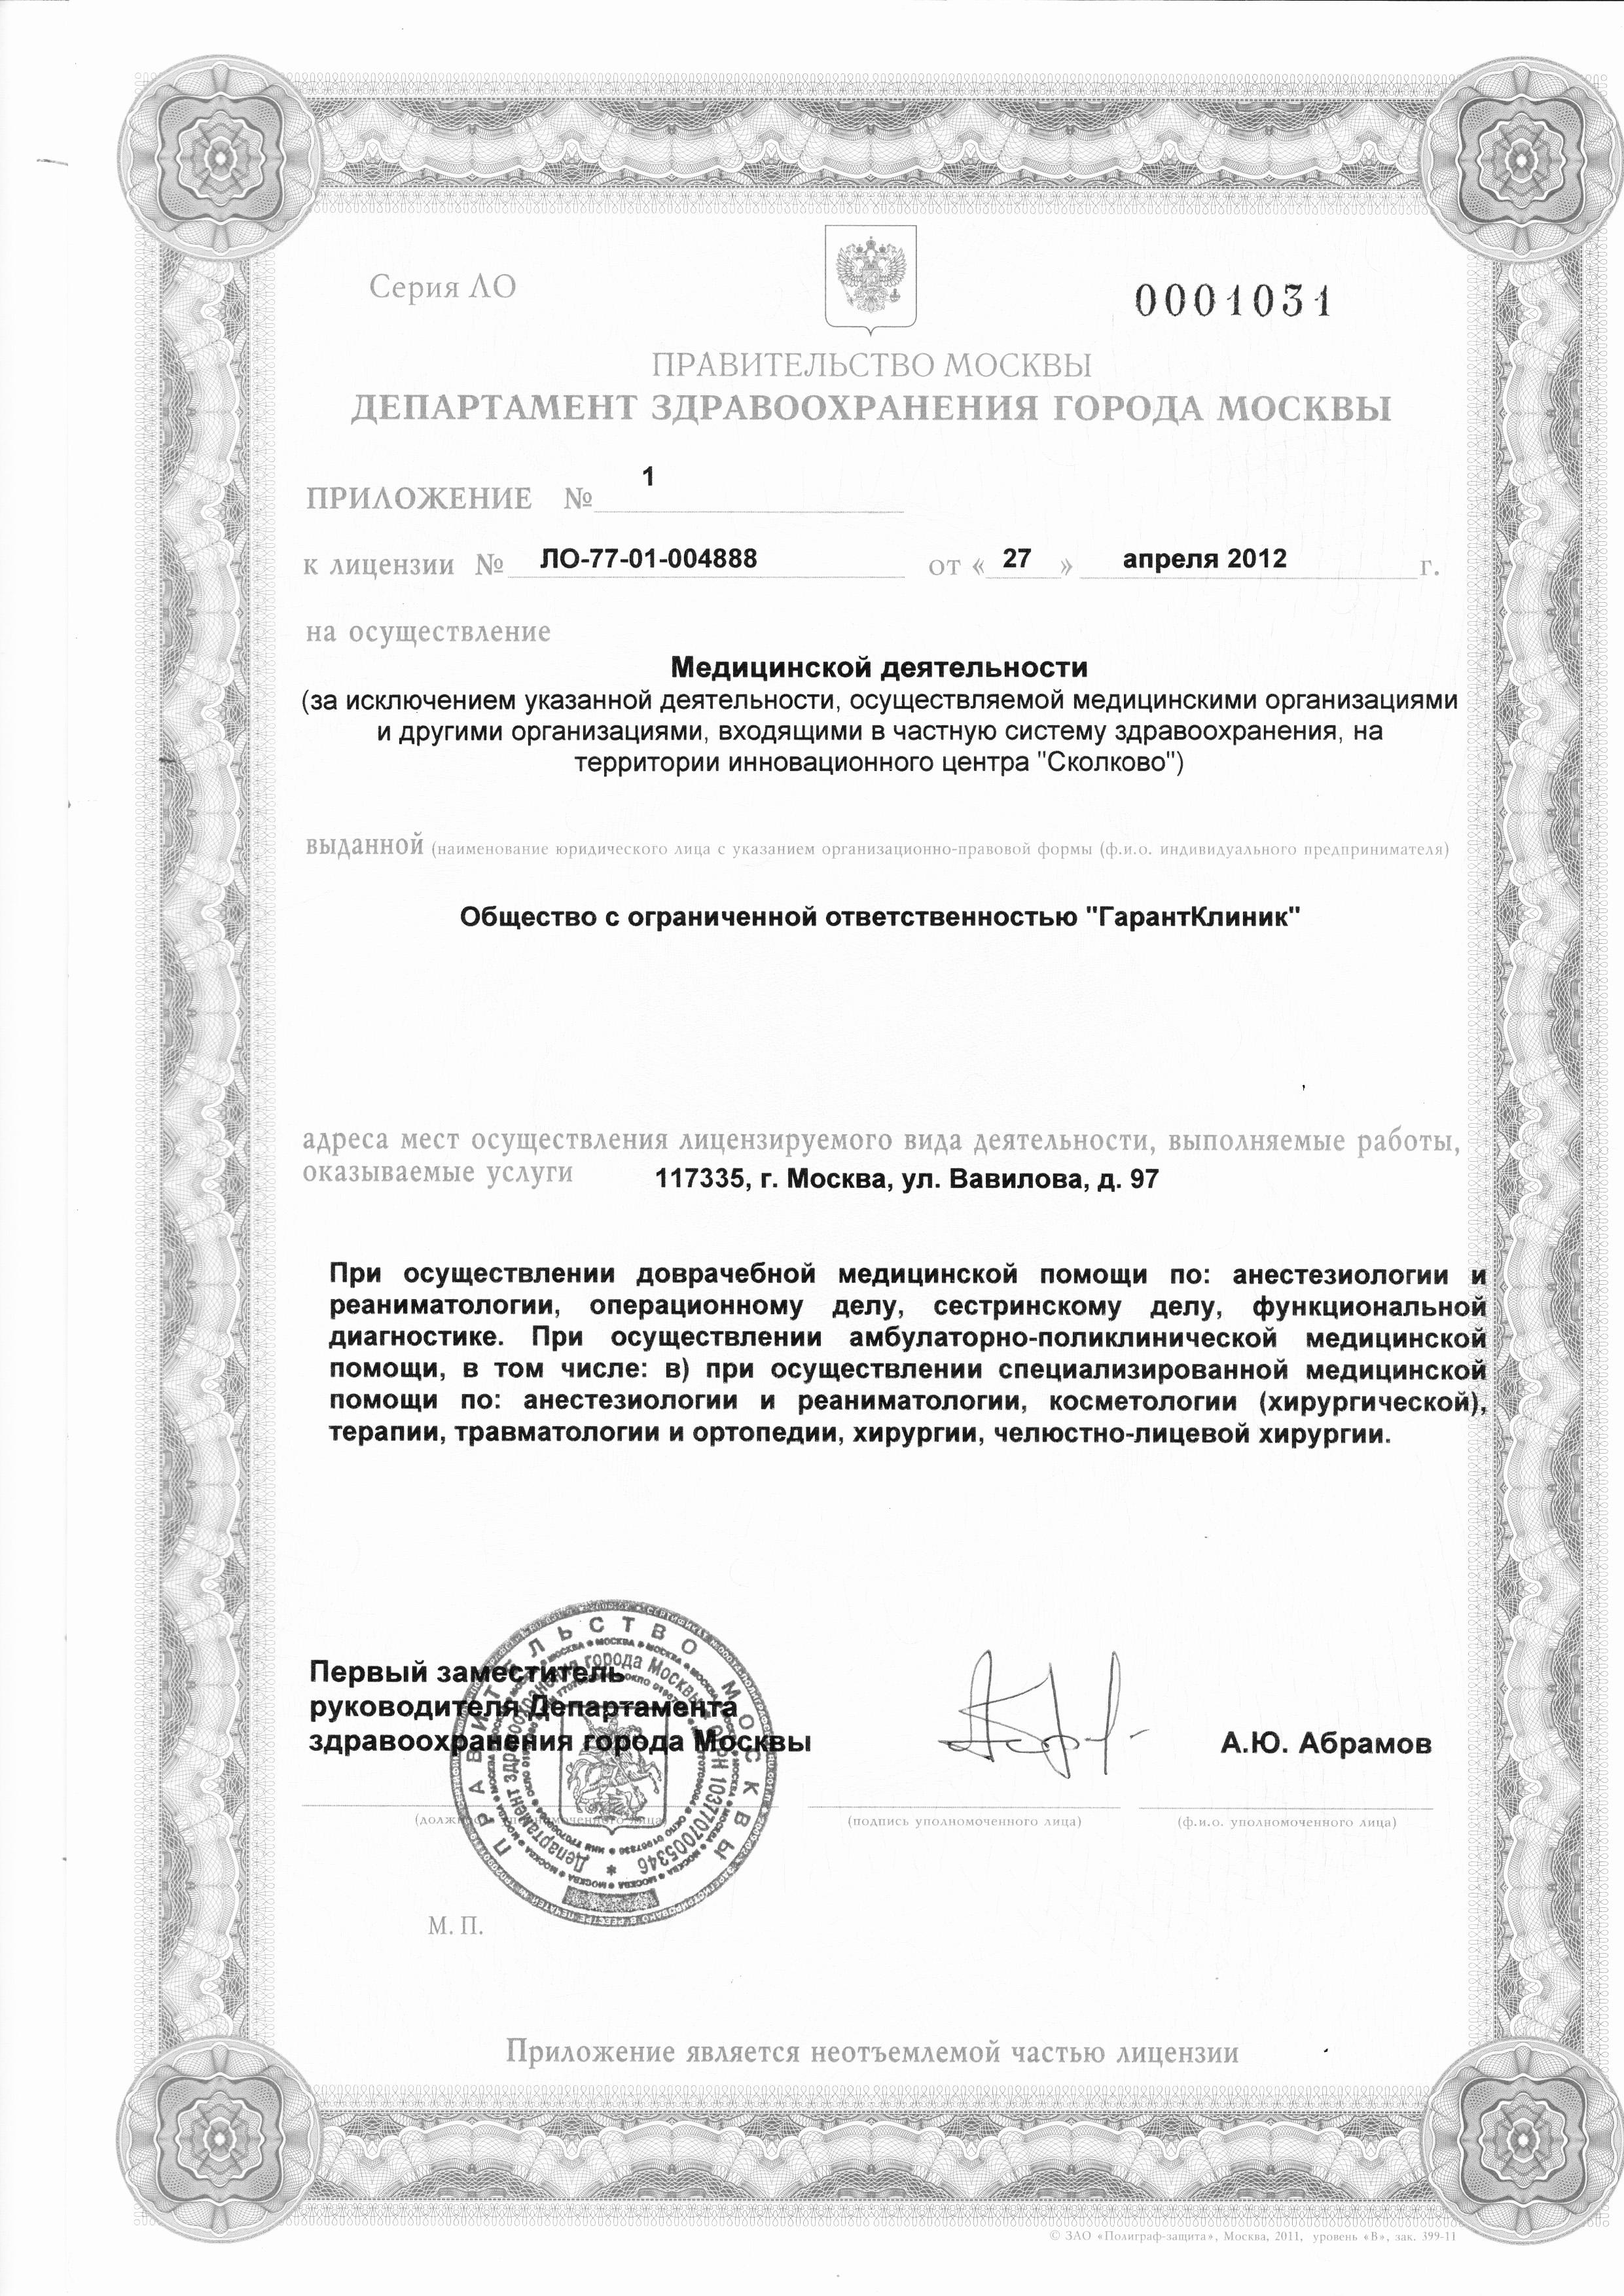 Аренда операционной в Москве с консультацией врачей-специалистов из ПМГМУ имени Сеченова.